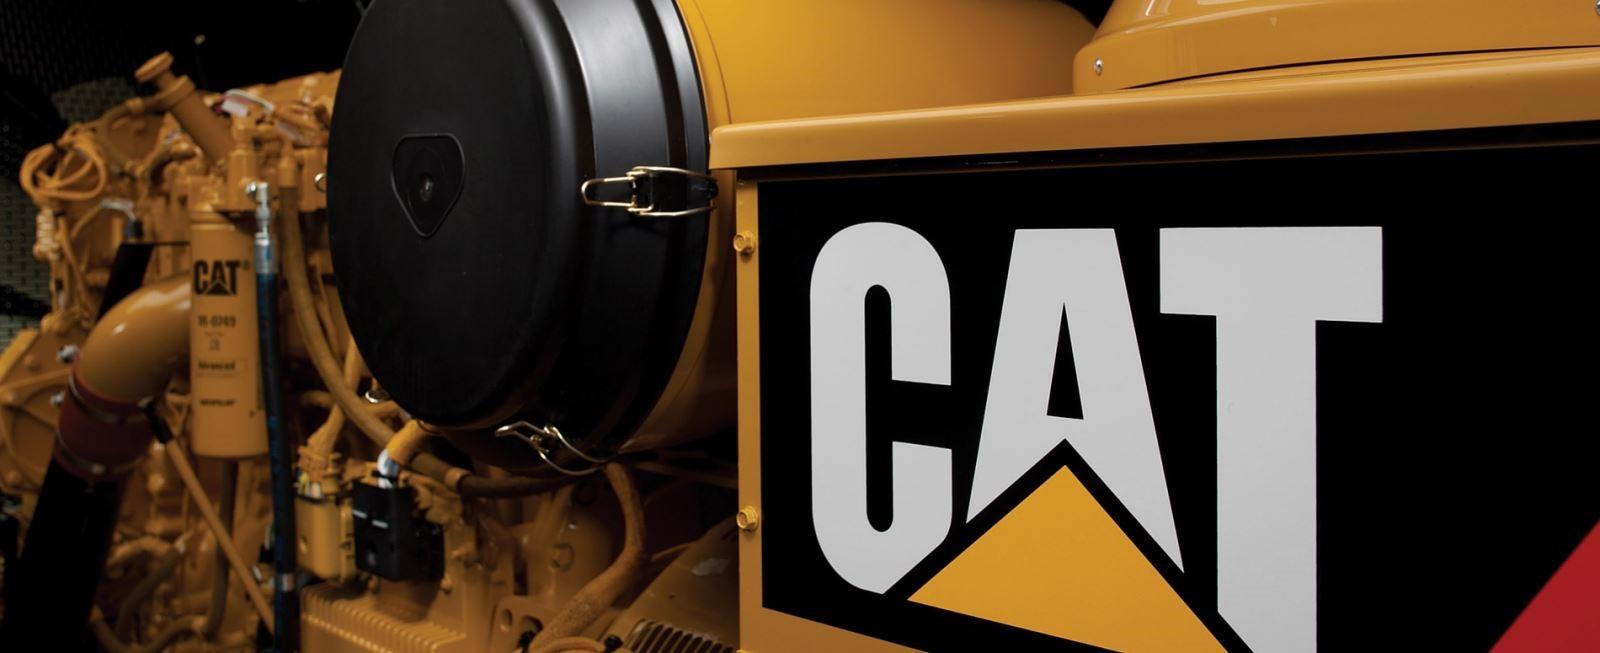 ברצינות גנרטור דיזל למכירה מבית קטרפילר | CAT | טרקטורים וציוד I.T.E RW-35